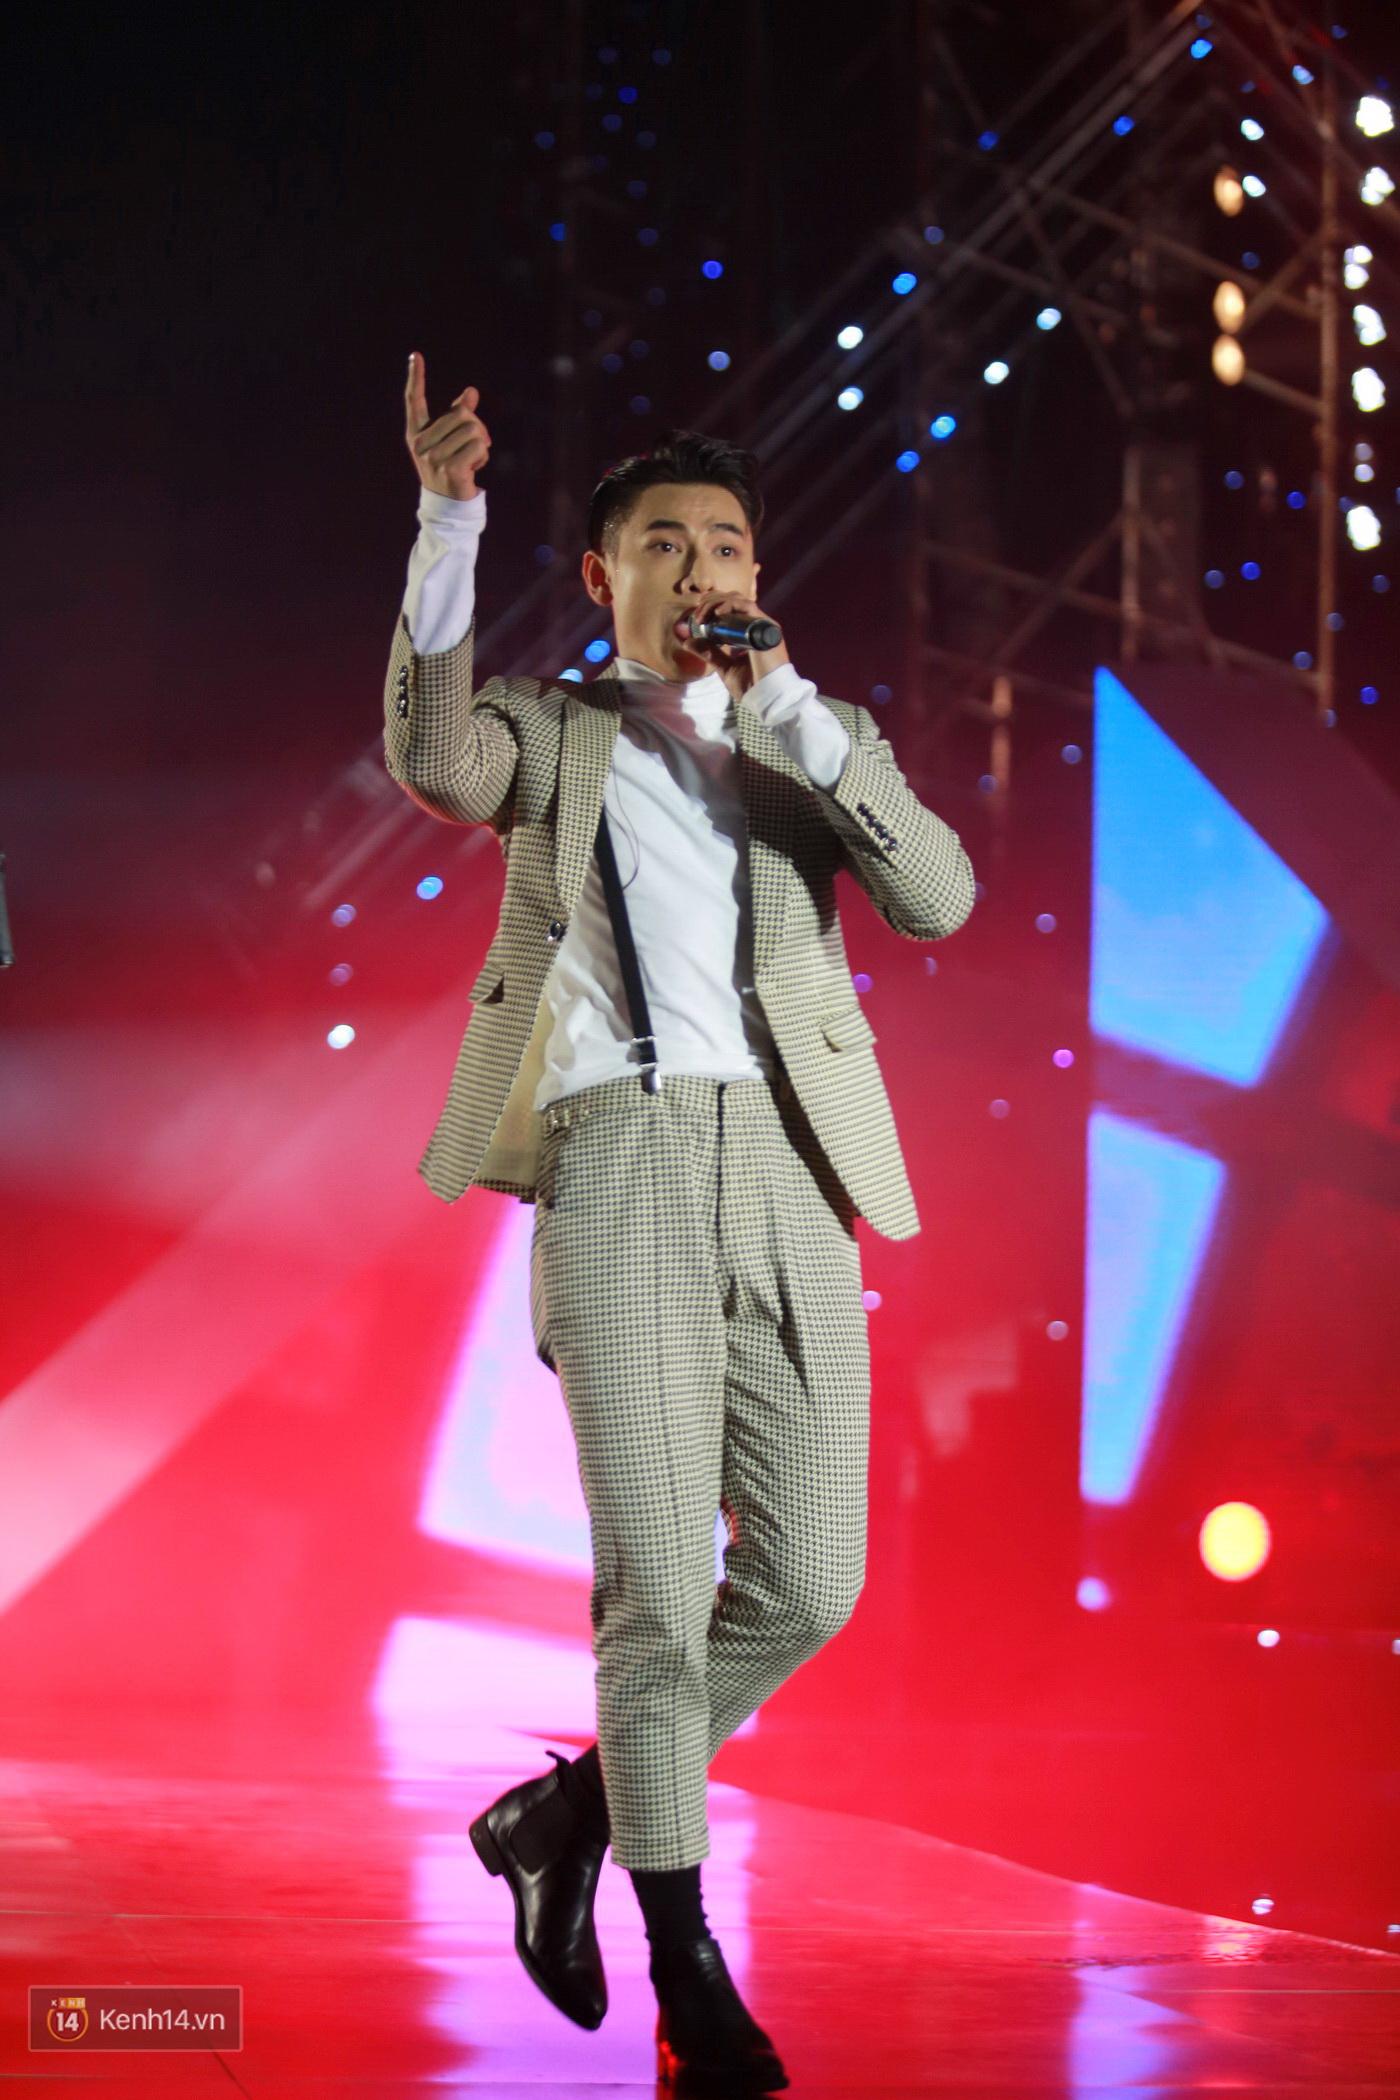 Hết gây bất ngờ khi xuất hiện từ trên cao, Đông Nhi lại tắm mưa trước 8.000 khán giả trên sân khấu - Ảnh 19.